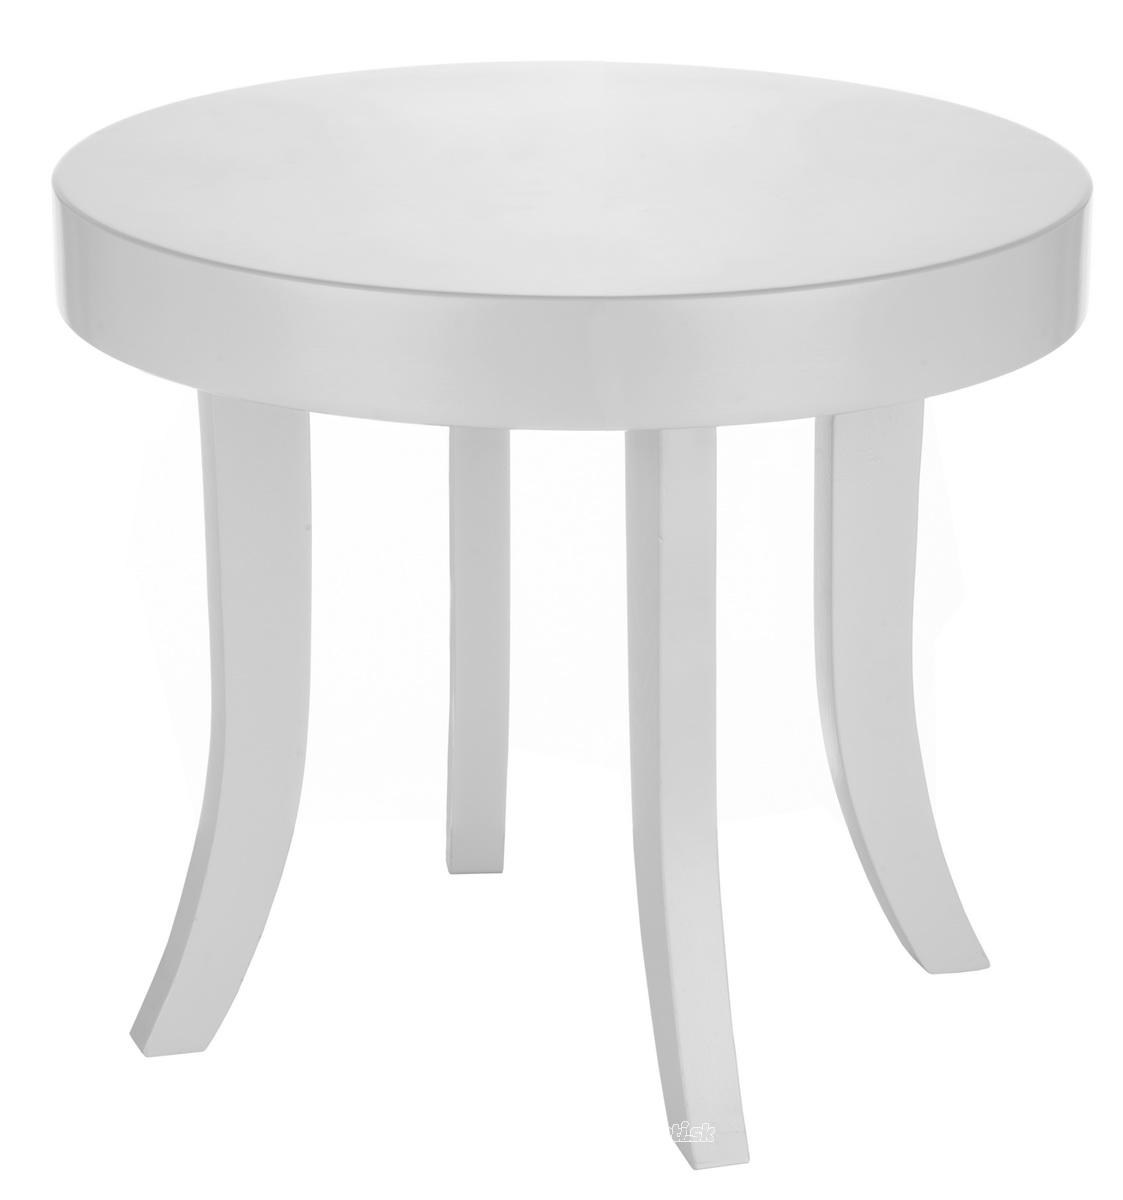 ArtSB Okrúhly stolík Bunny Prevedenie: Stolík s bielymi 37 cm nohami